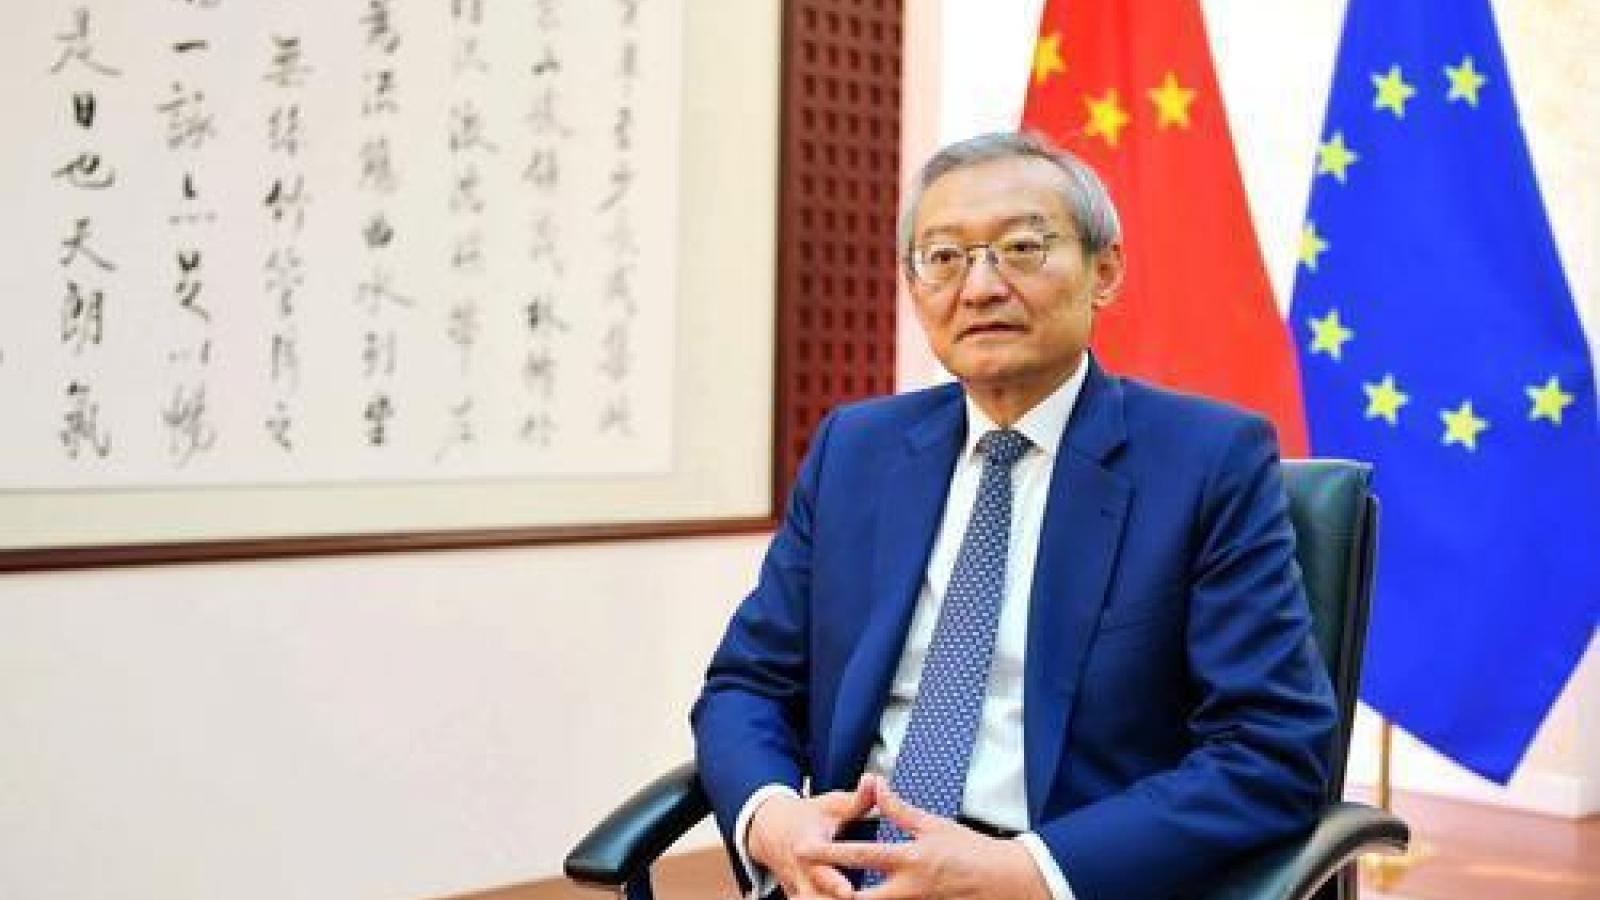 """Trung Quốc tuyên bố sẽ """"theo đến cùng"""" nếu bị EU trừng phạt vì vấn đề Tân Cương"""